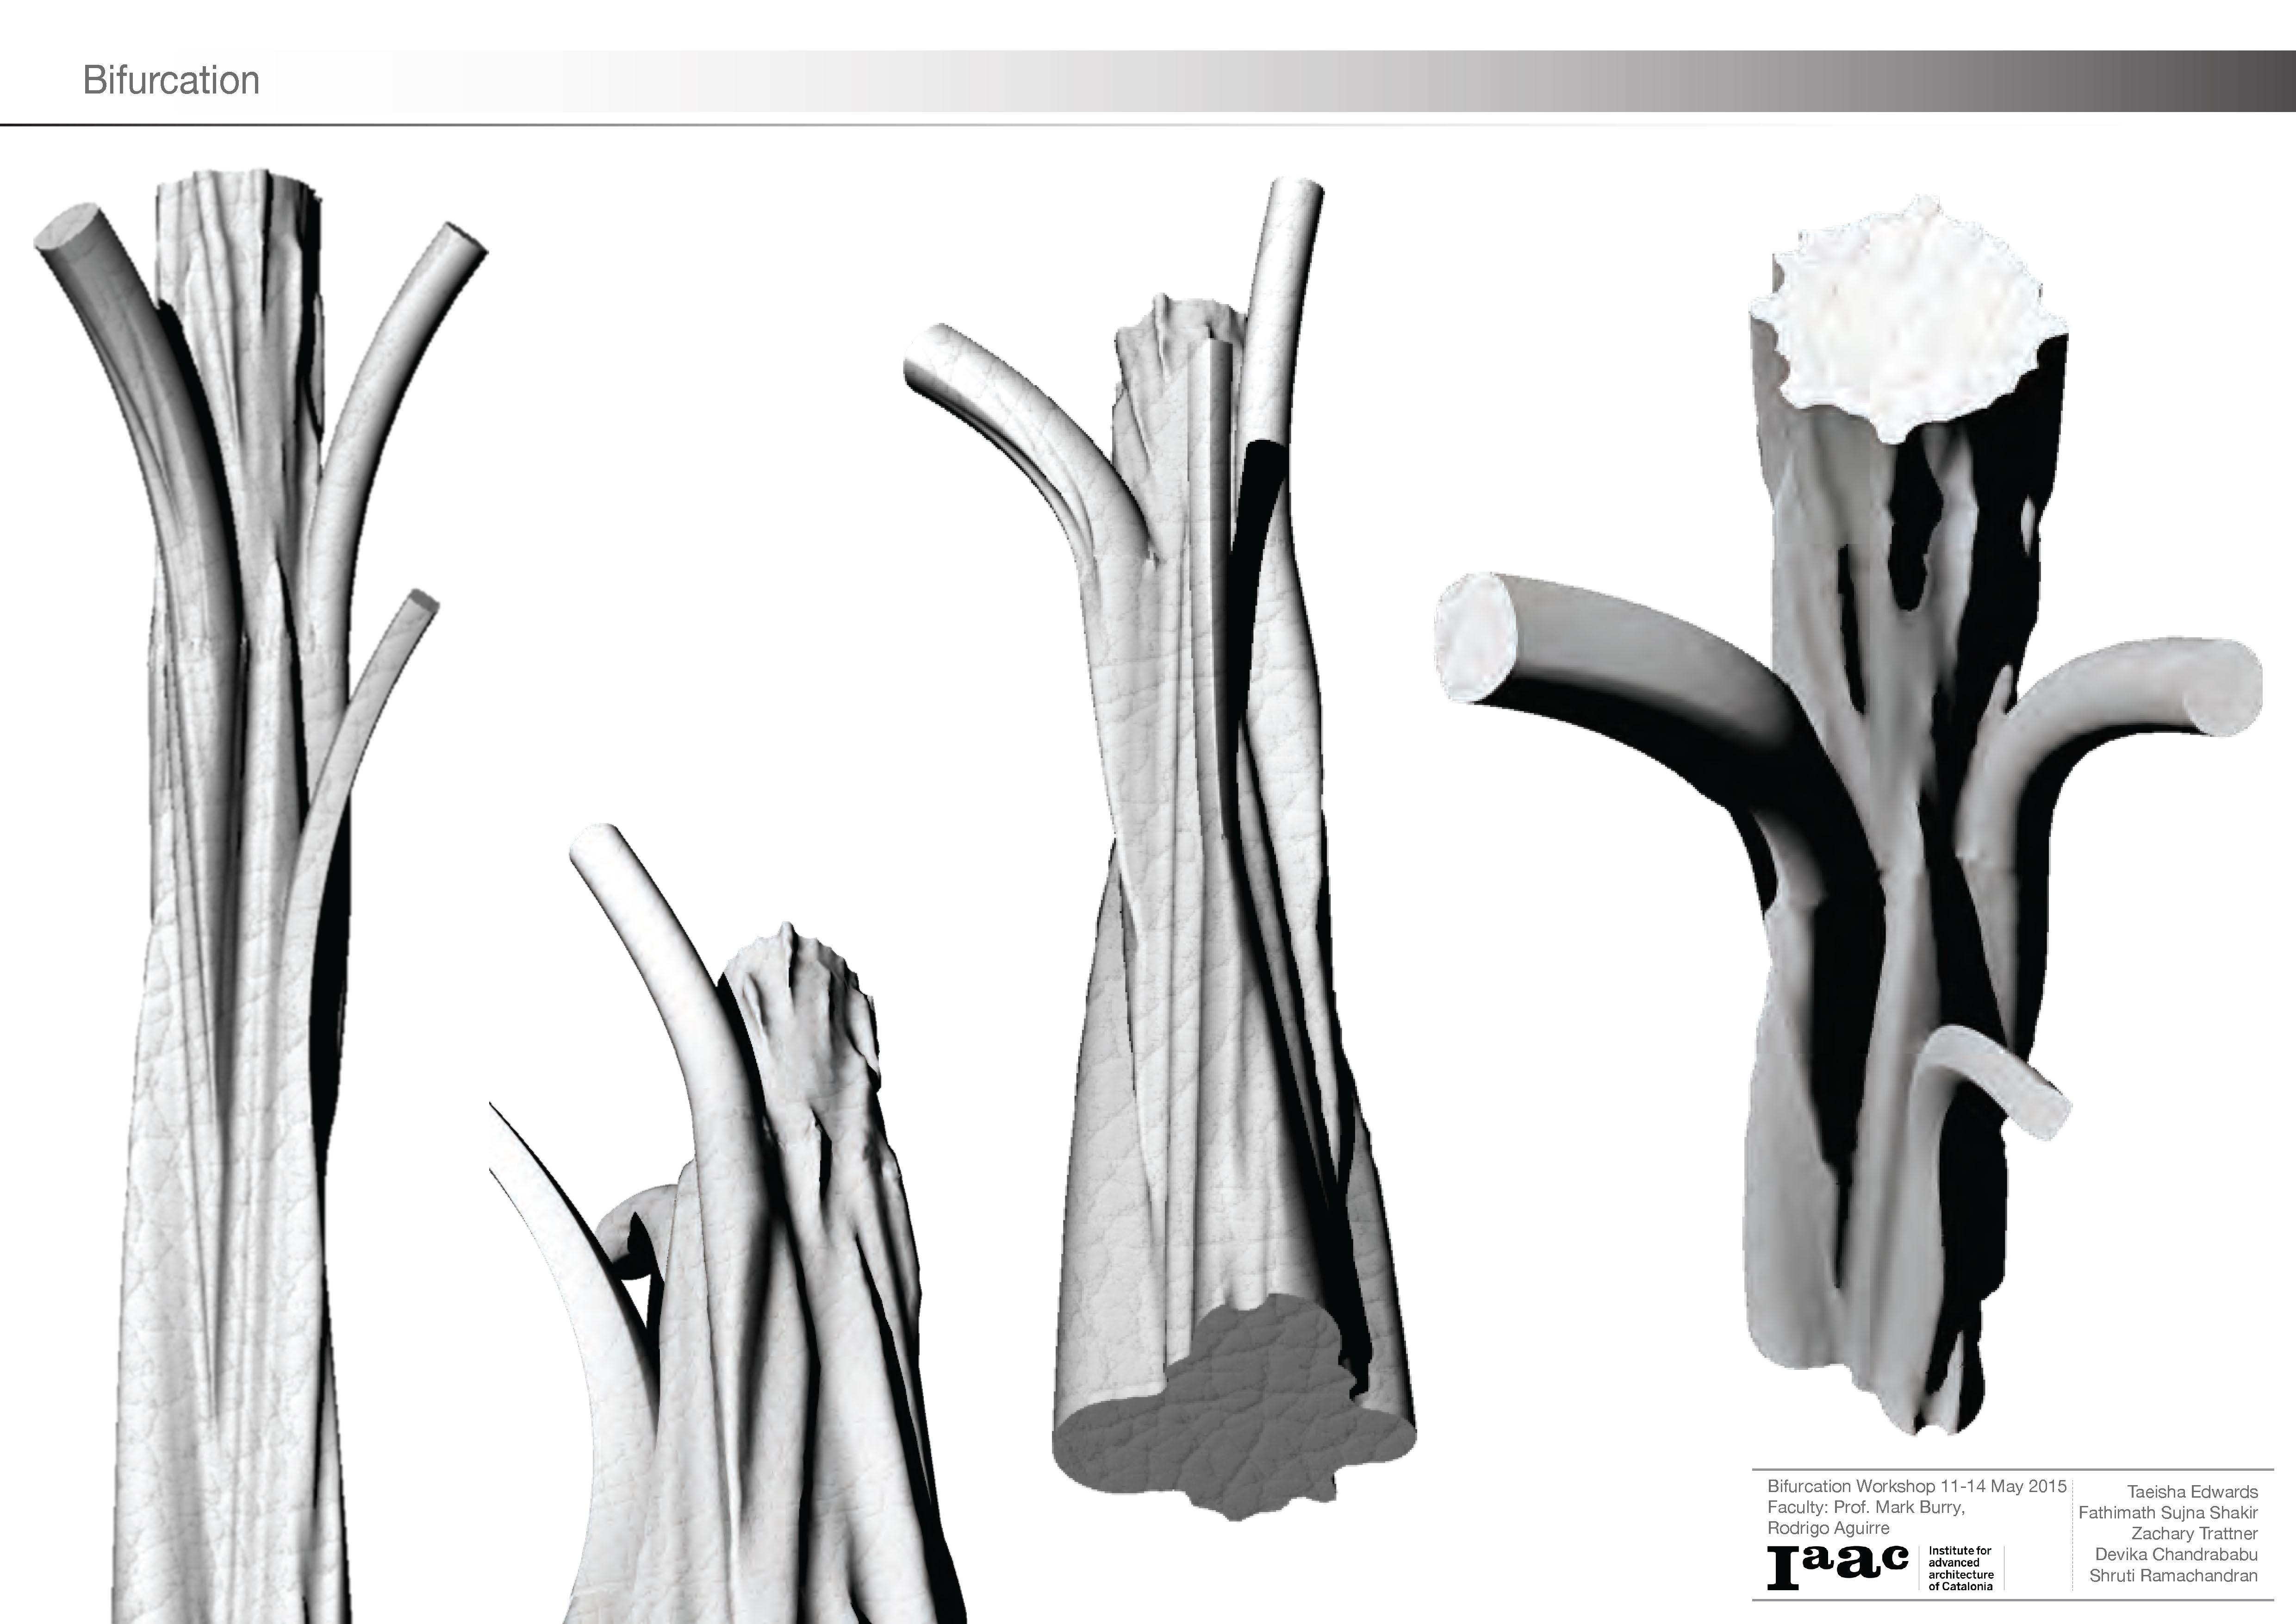 00 Presentation (suju)_Page_15